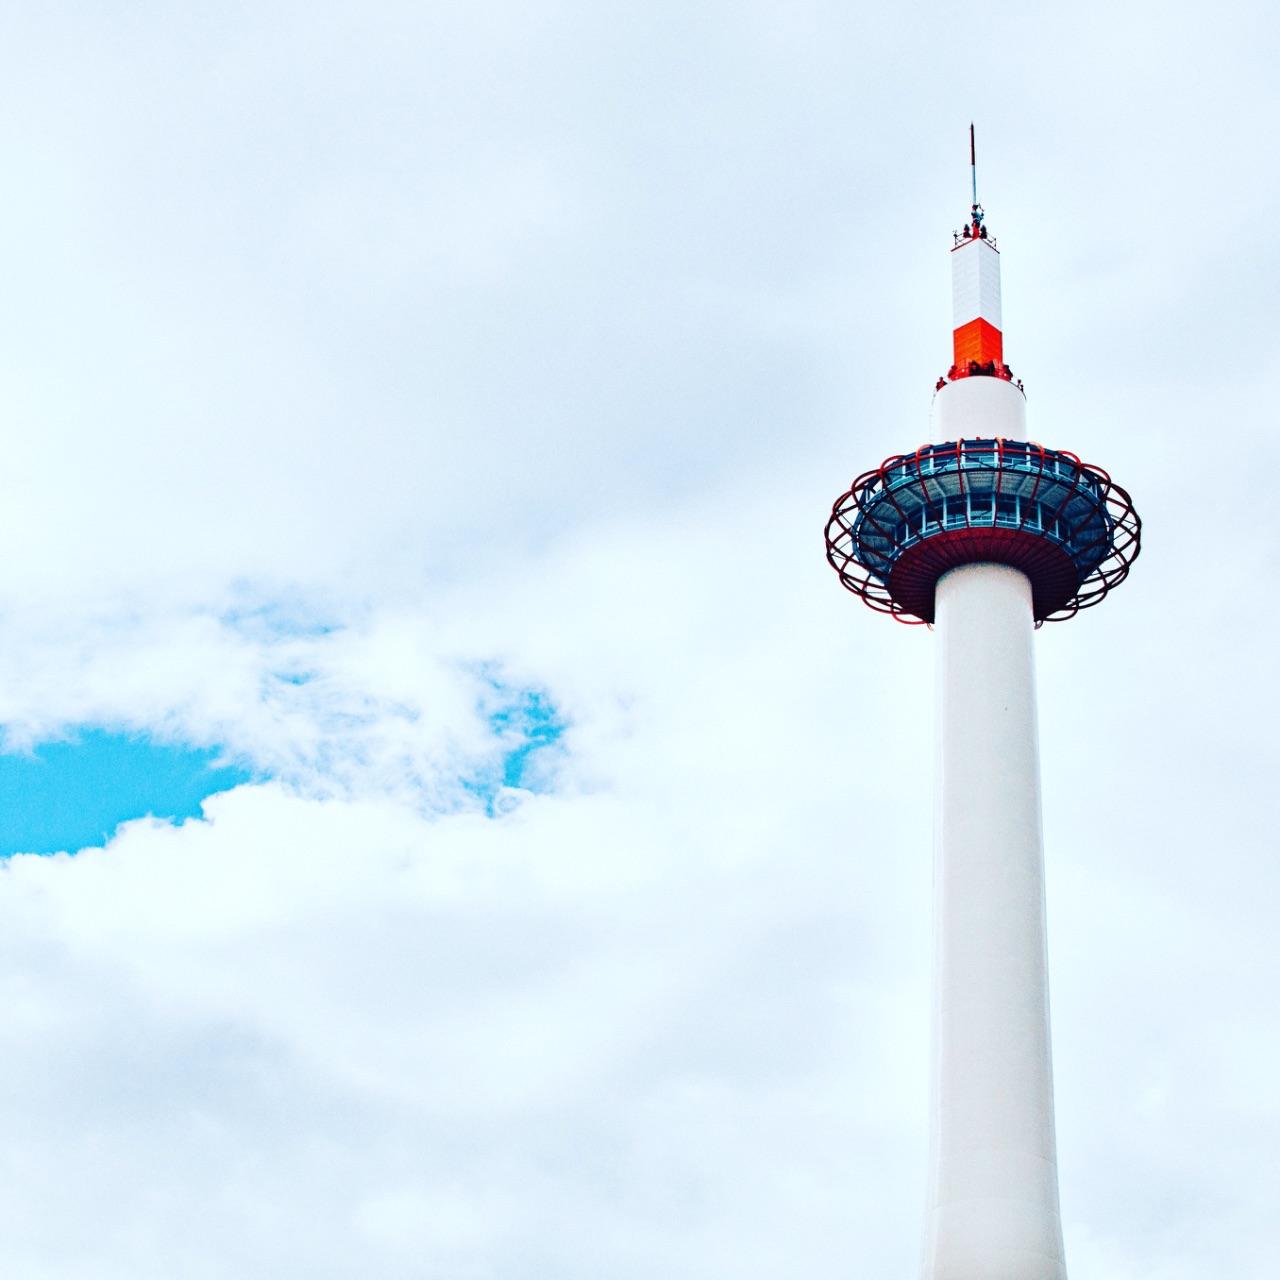 京都塔总高131米,由建筑师山田守操刀,结构部分则是由京都大学工学部